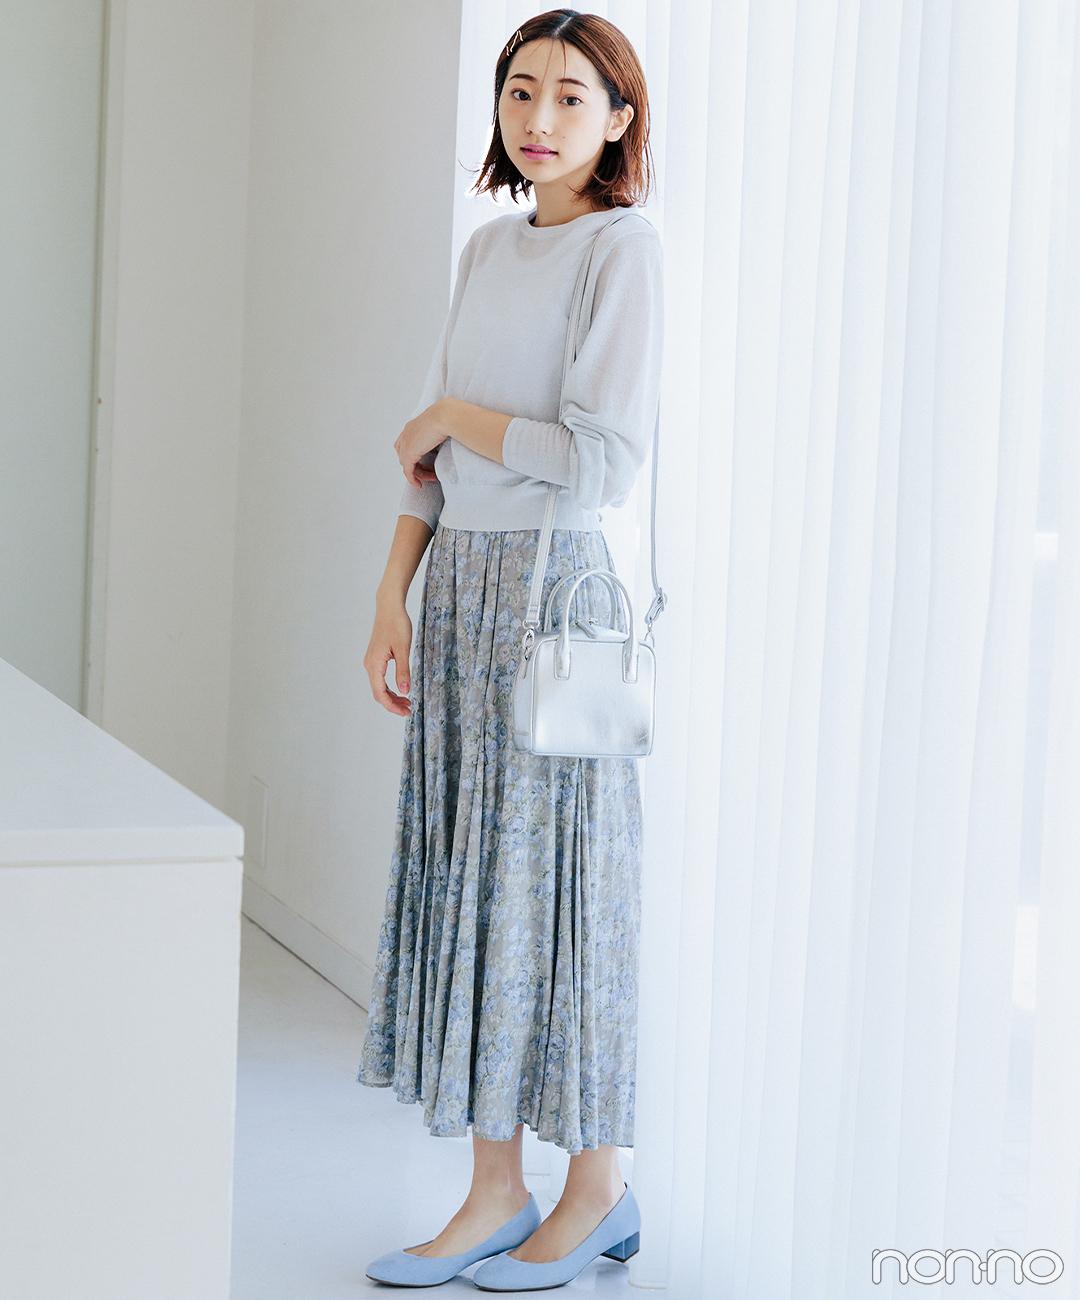 寒色トーンの小花柄スカートで大人なフェミニンスタイル【毎日コーデ】